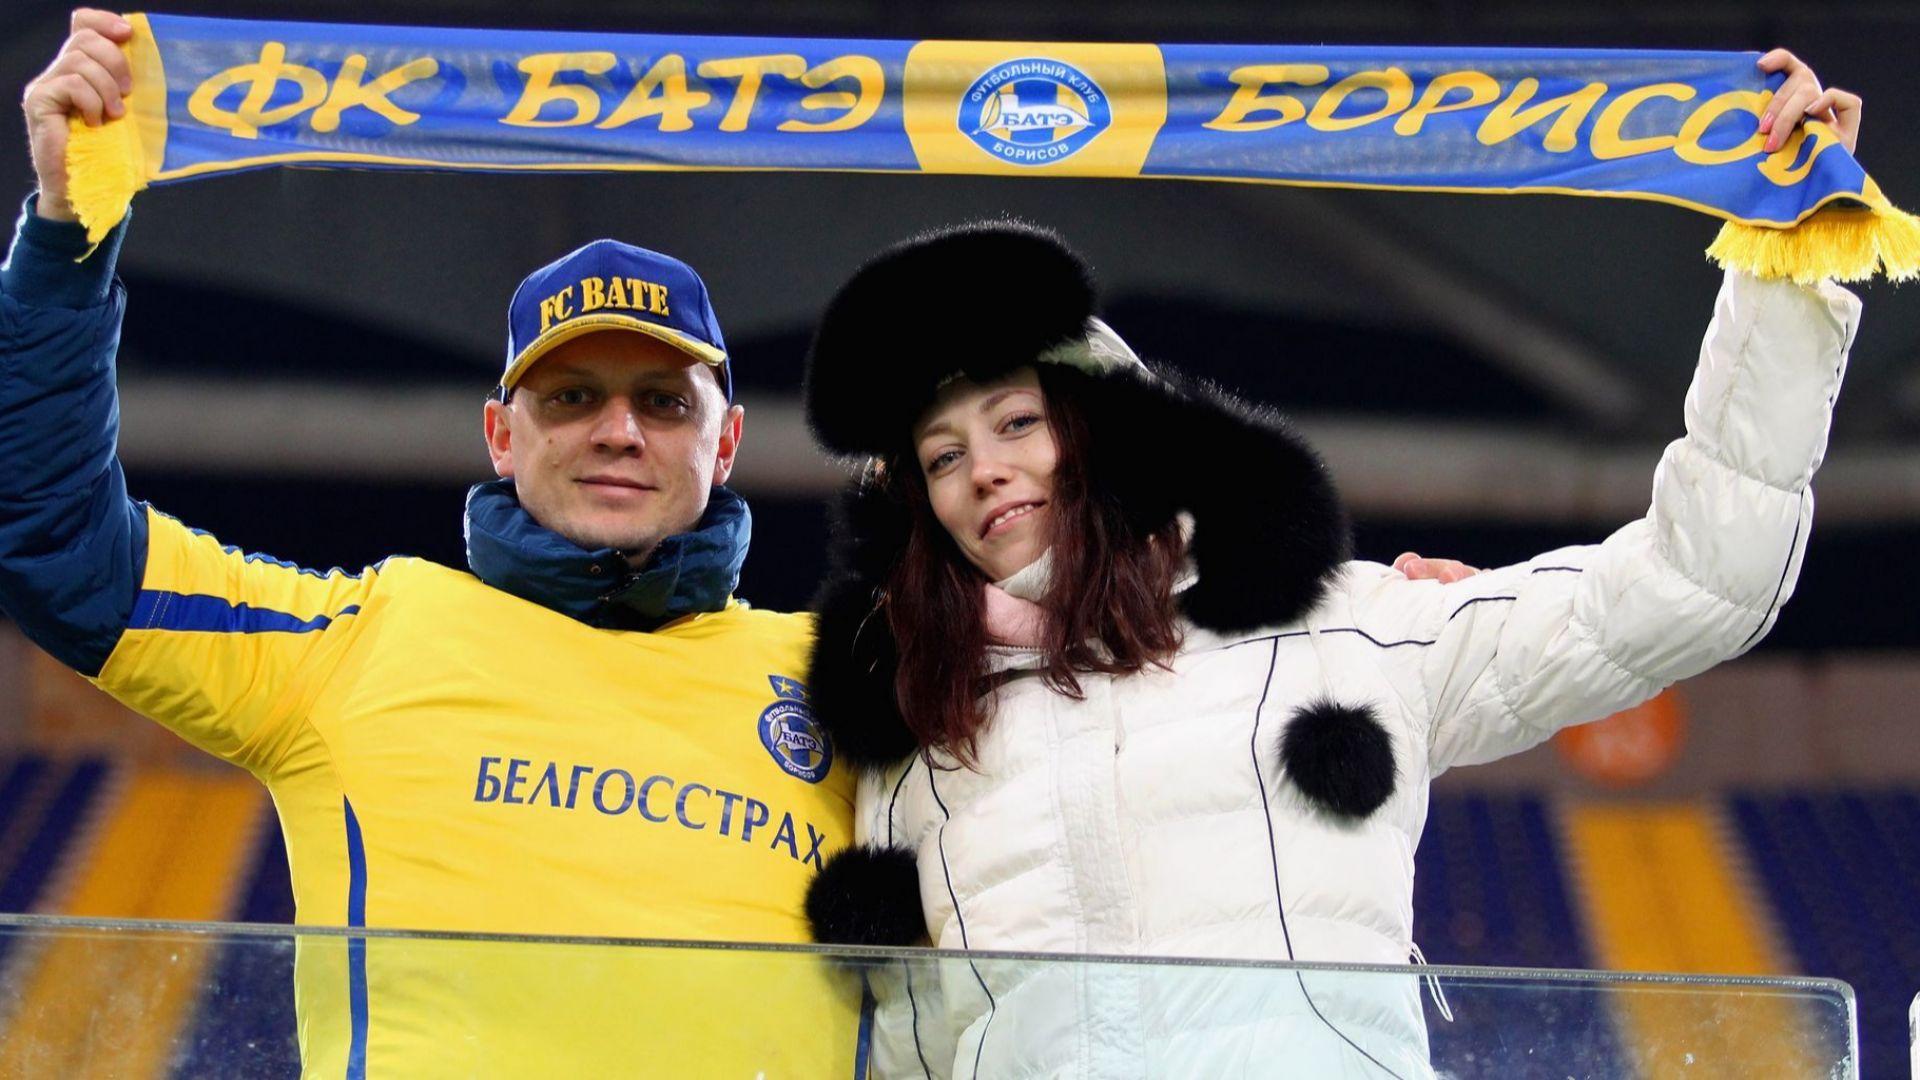 В Беларус все още се играе футбол, а фаворитите няма да ви подведат